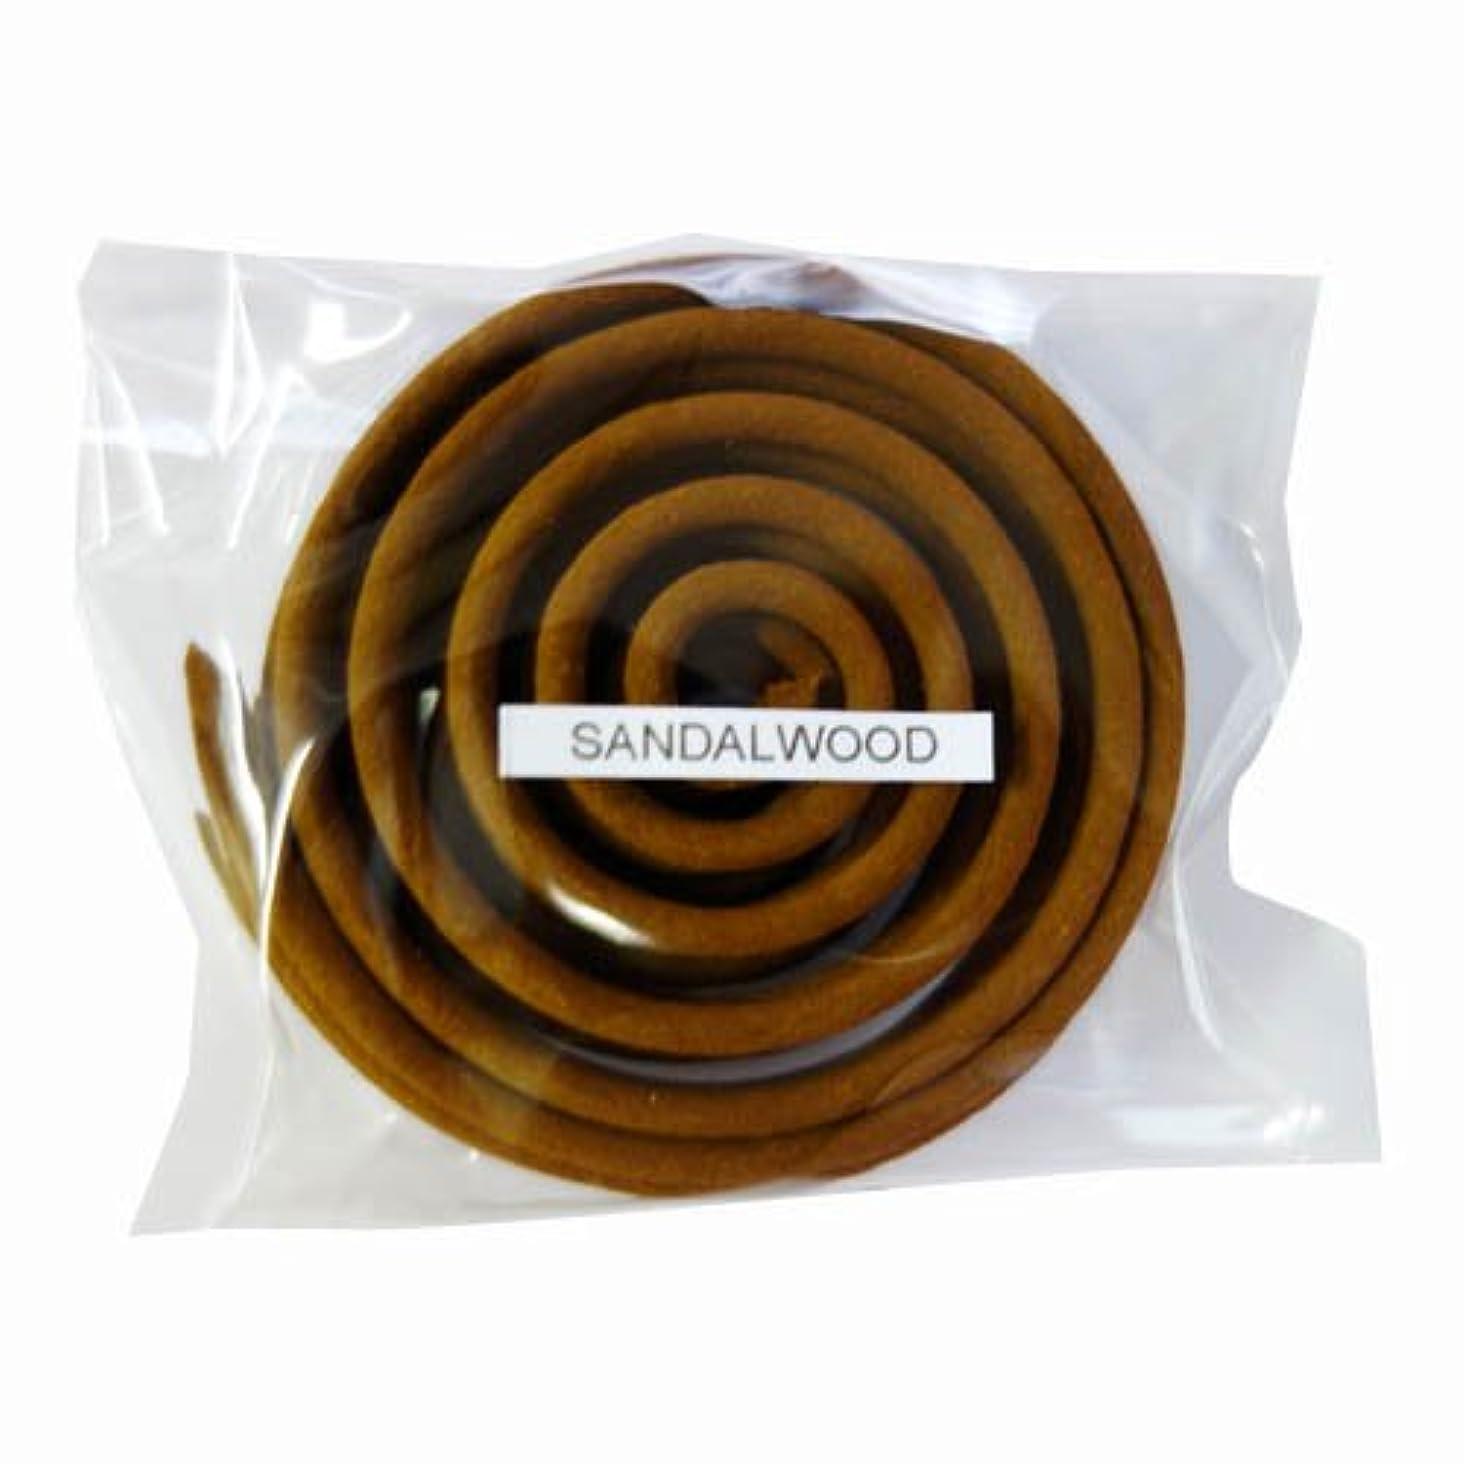 ケイ素すべて挑むお香/うずまき香 SANDALWOOD サンダルウッド 直径6.5cm×5巻セット [並行輸入品]